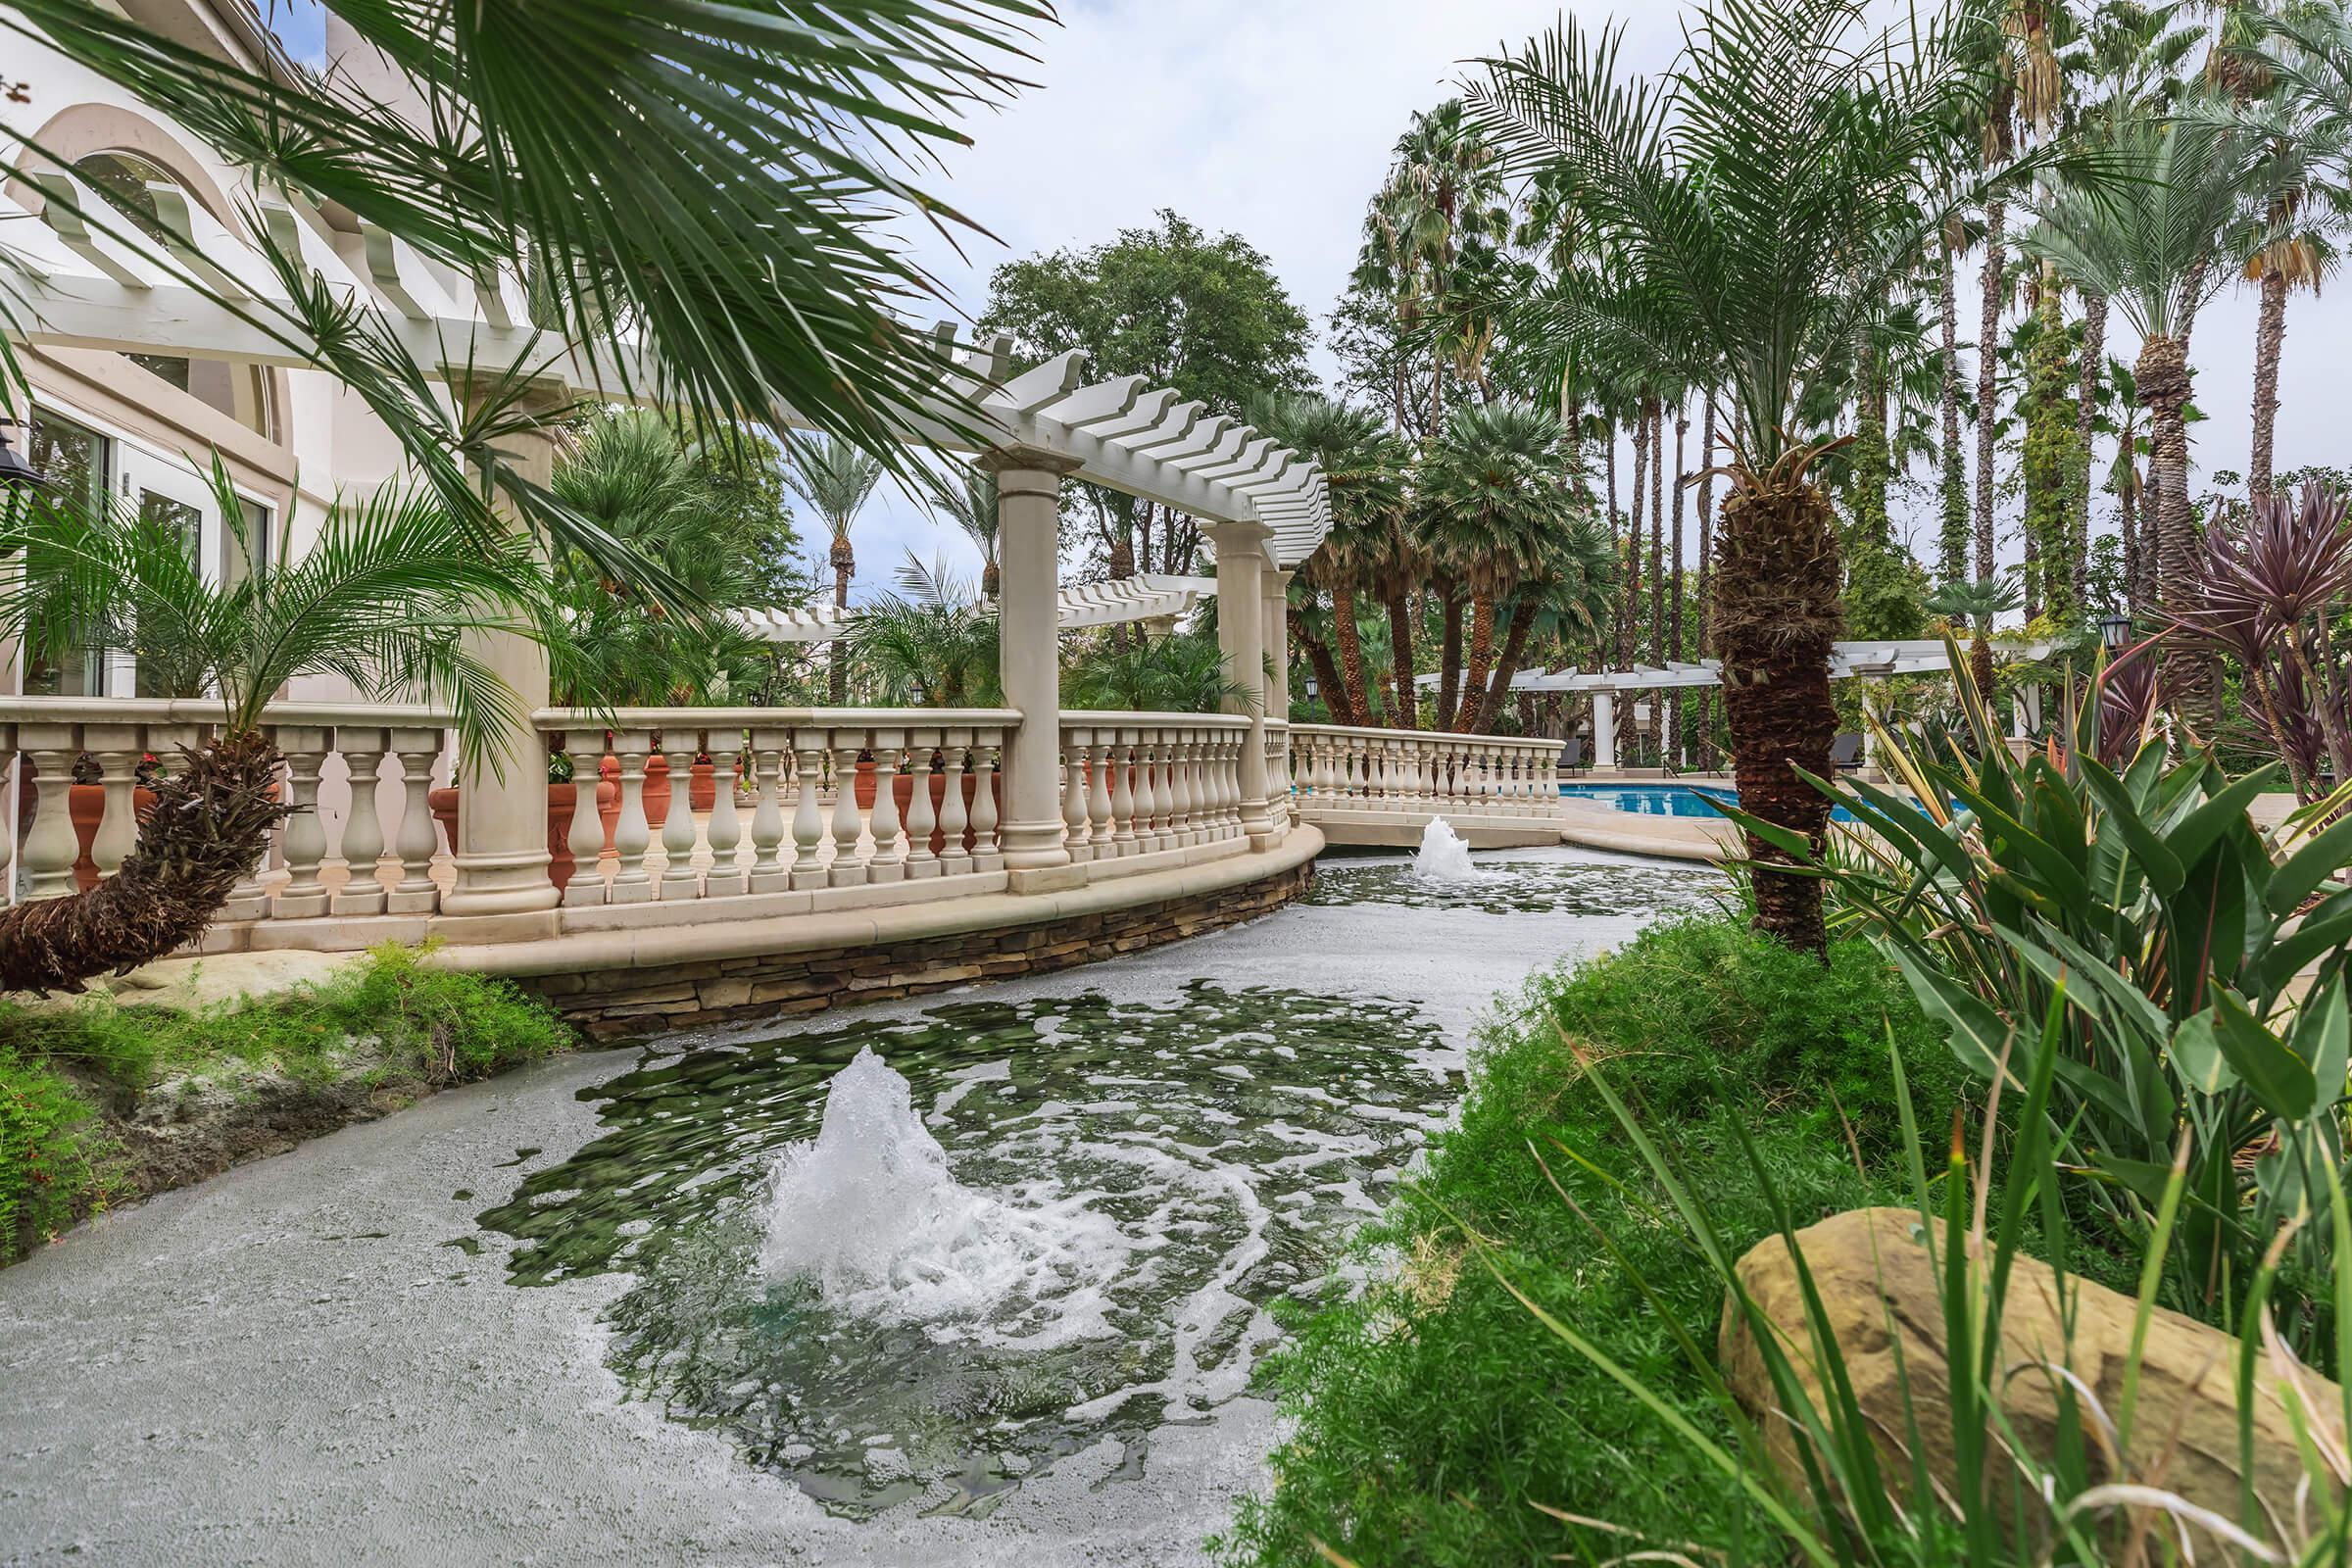 a house with a palm tree